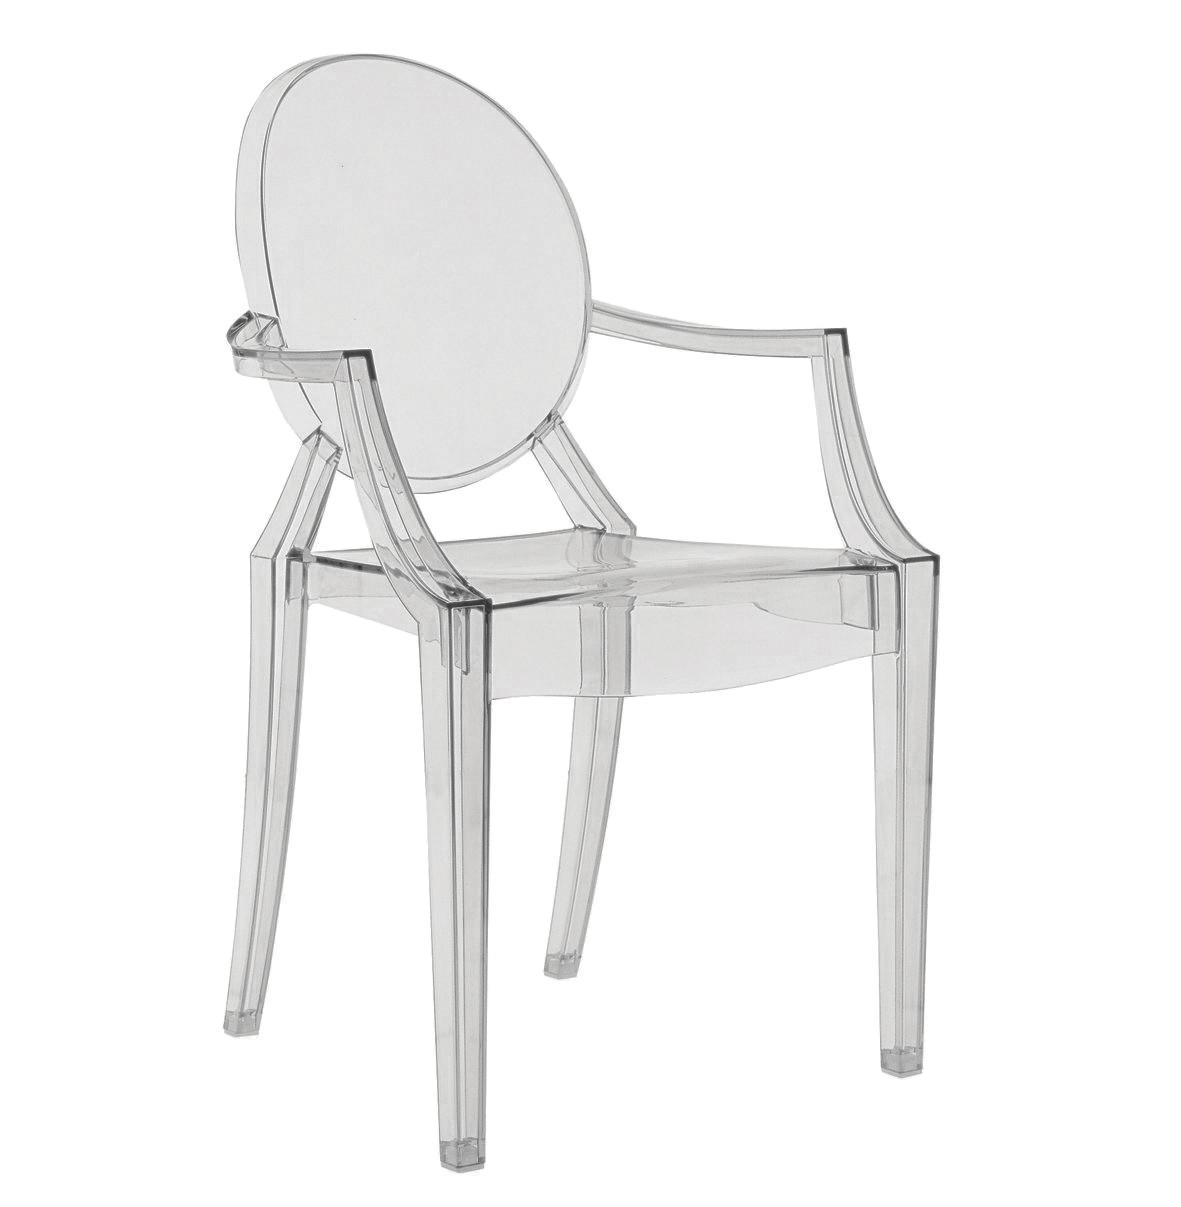 Noleggio sedie sedie kartell mod louis ghost - Sedia kartell trasparente ...